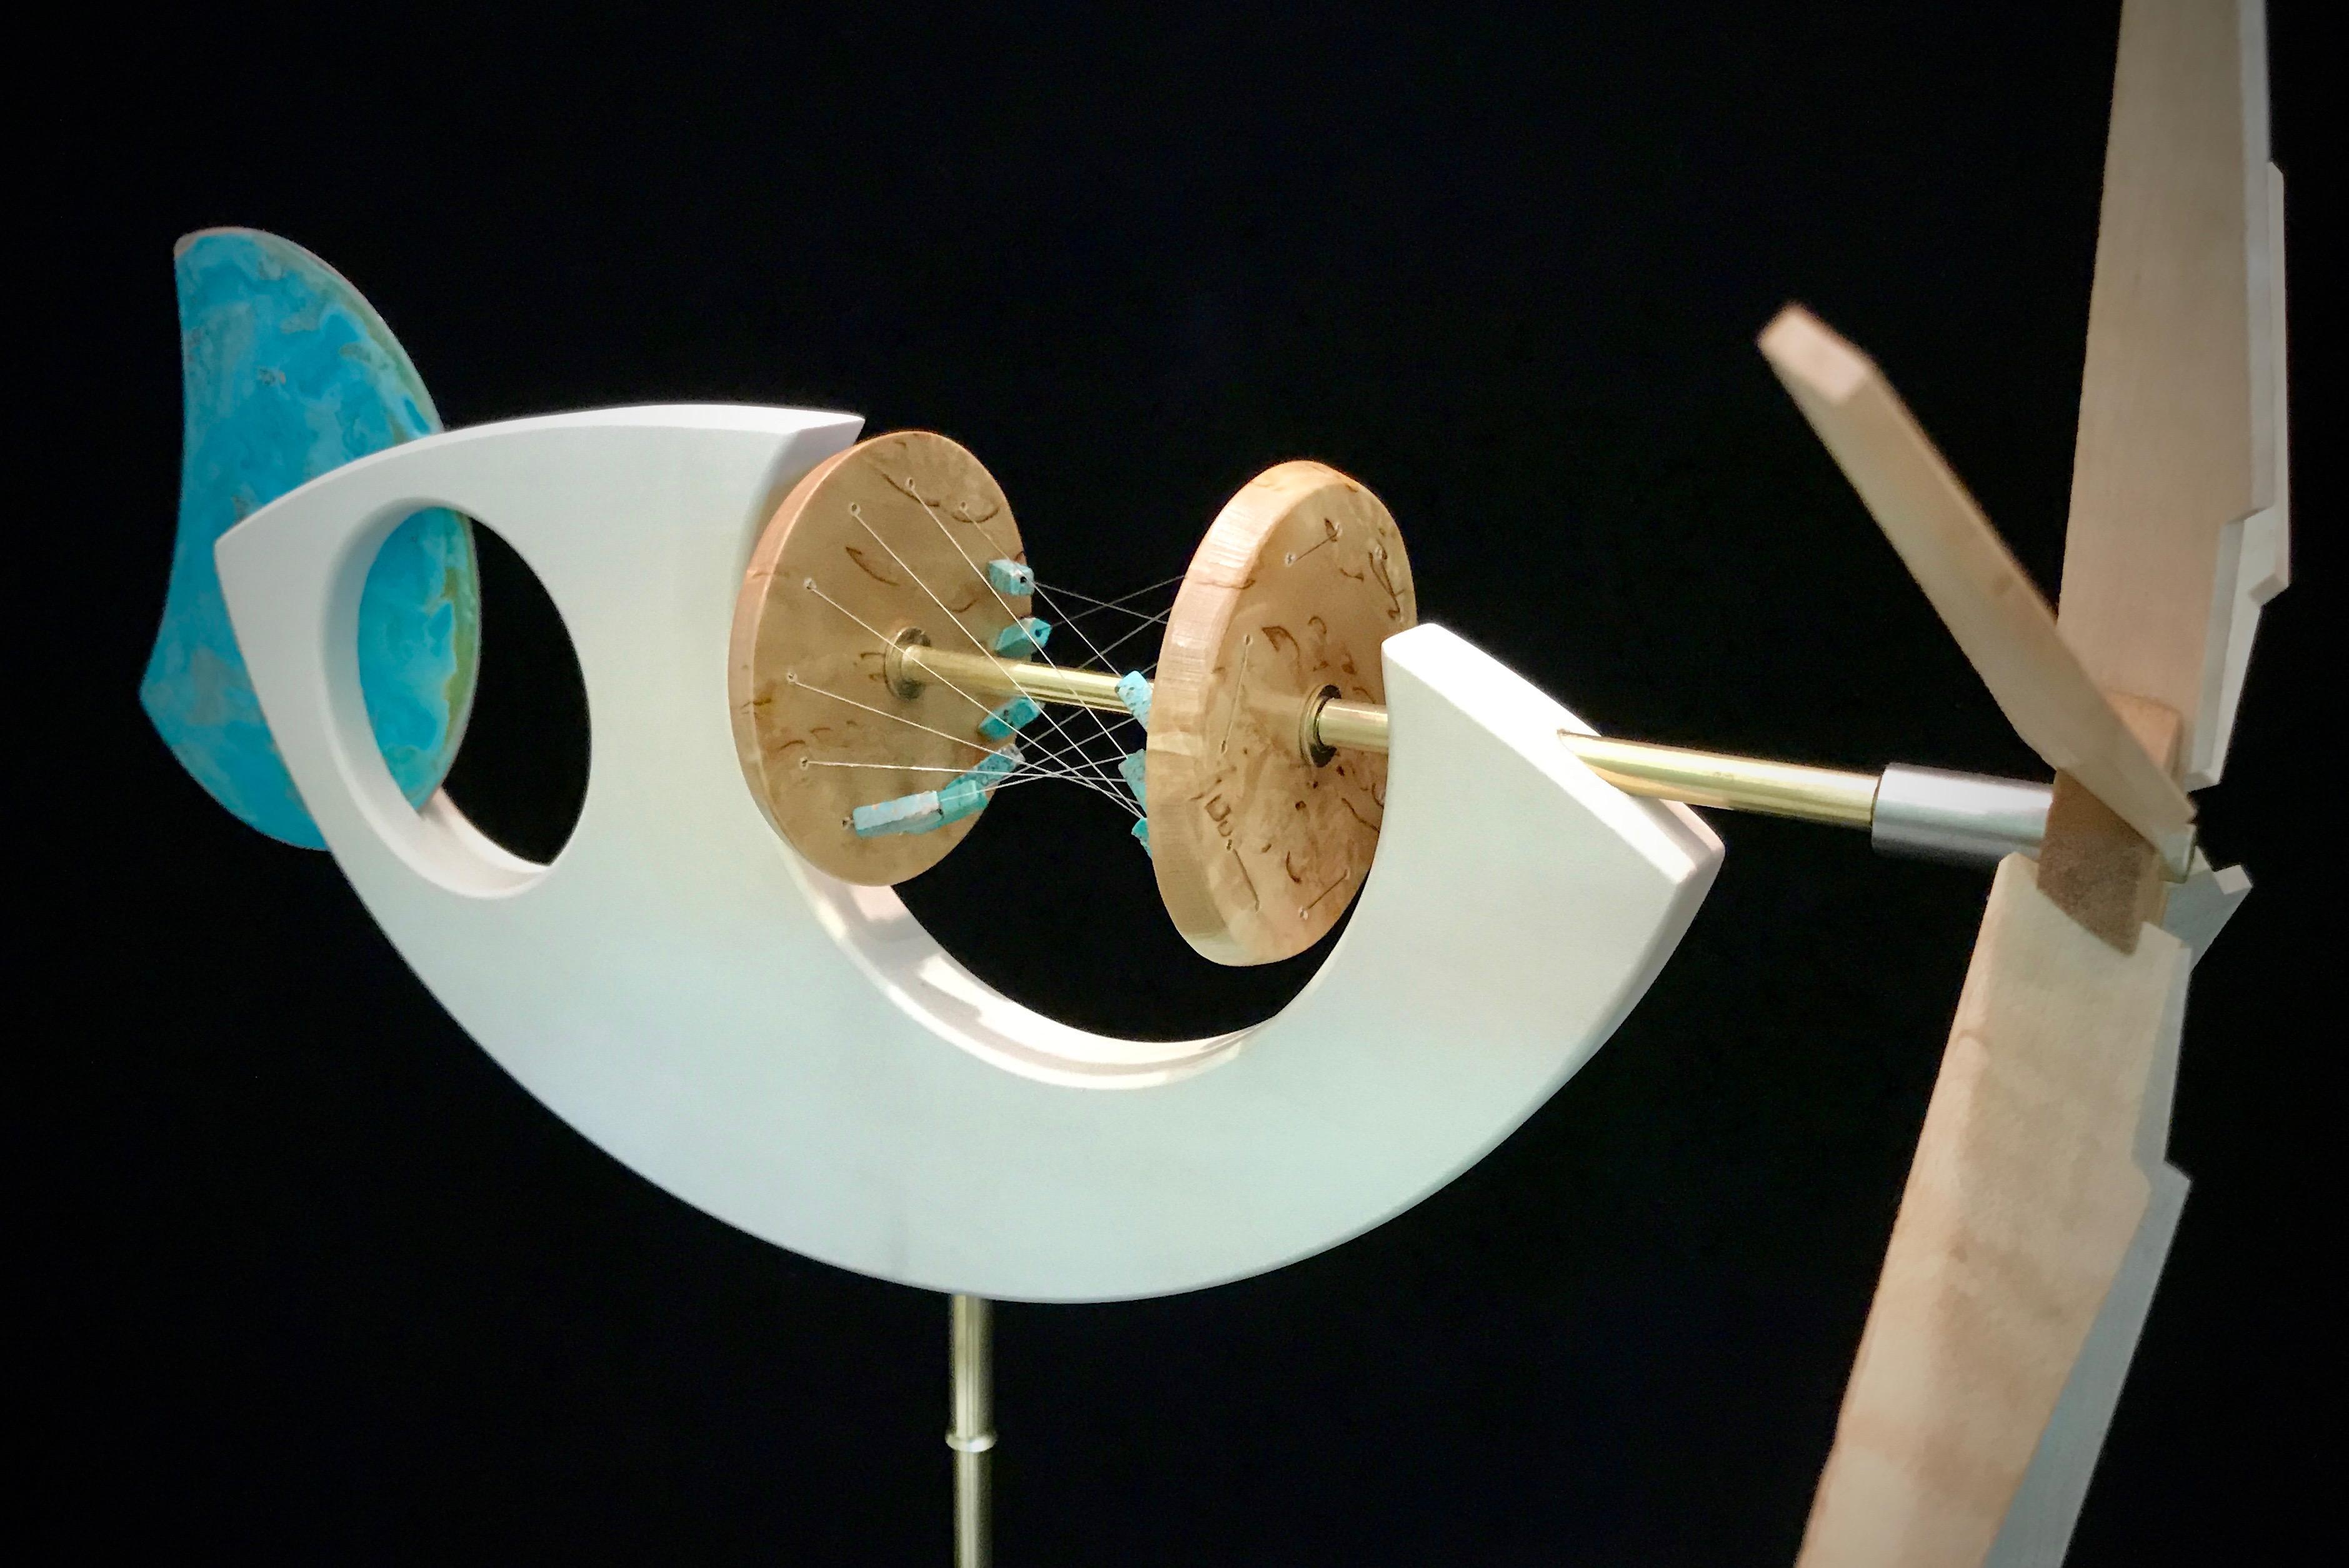 Turqouise Hyperbola Whirligig